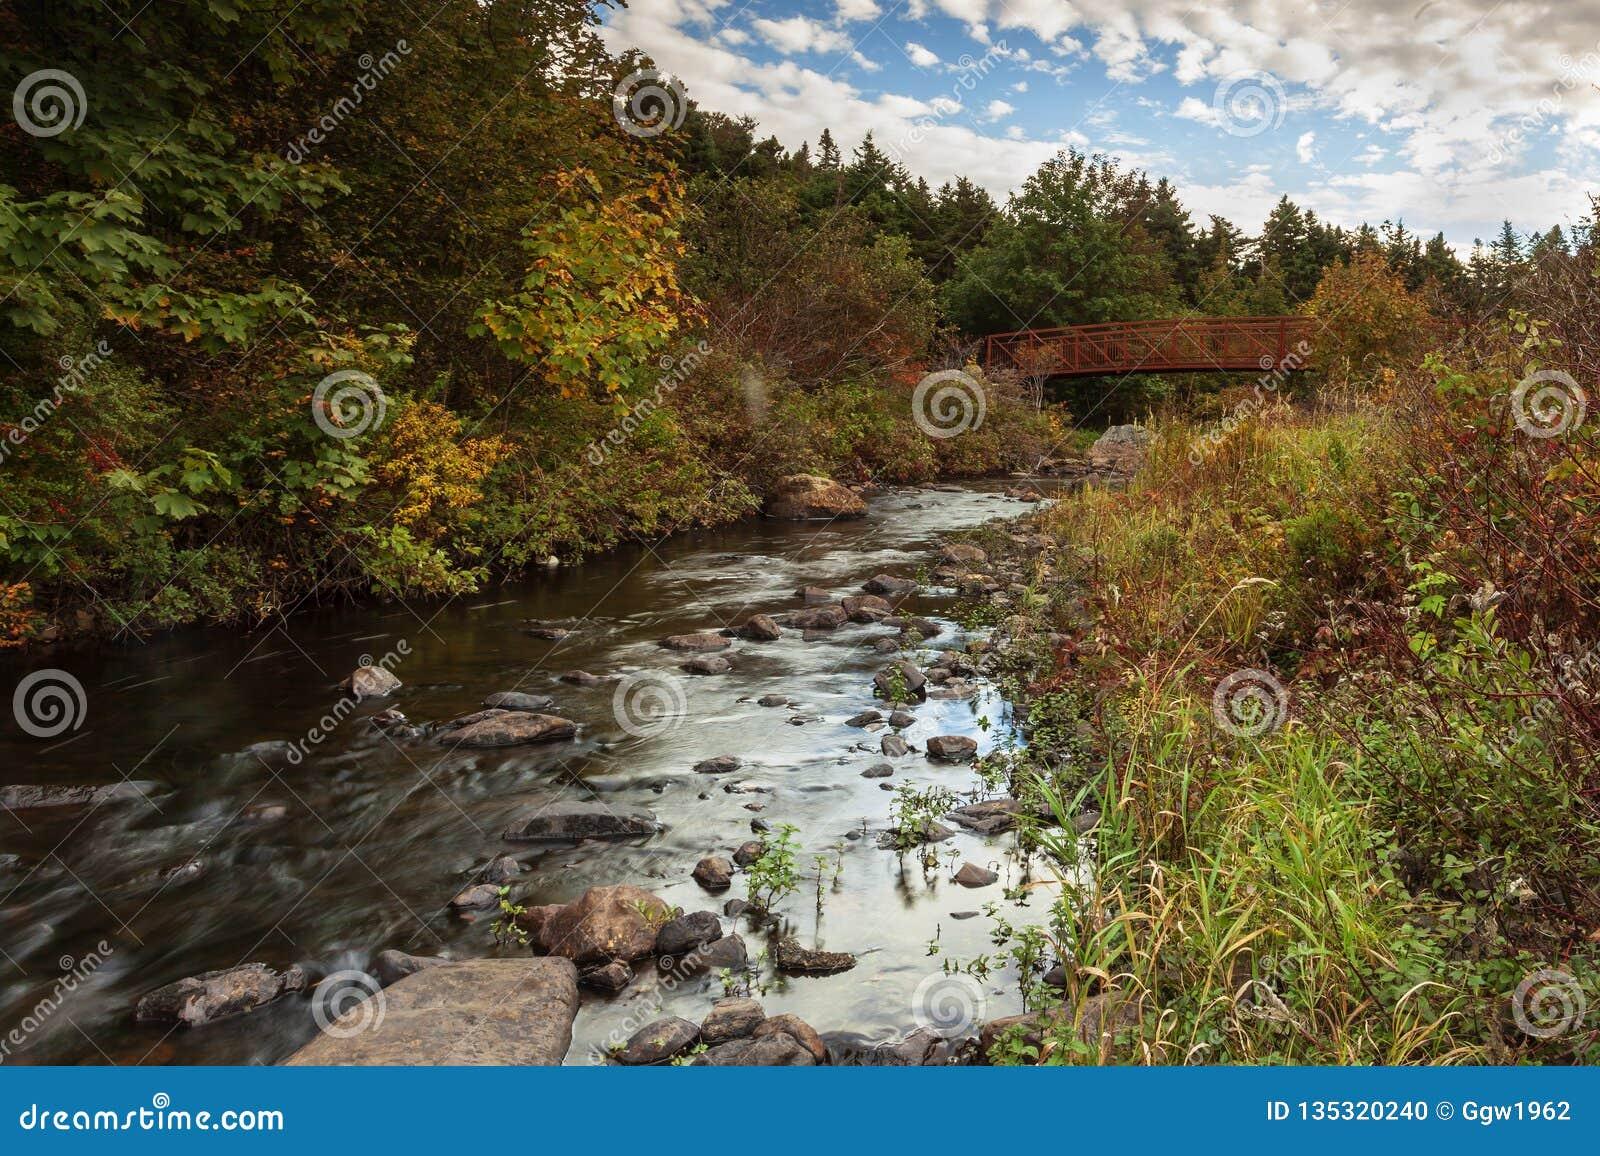 Manuels River walking trail